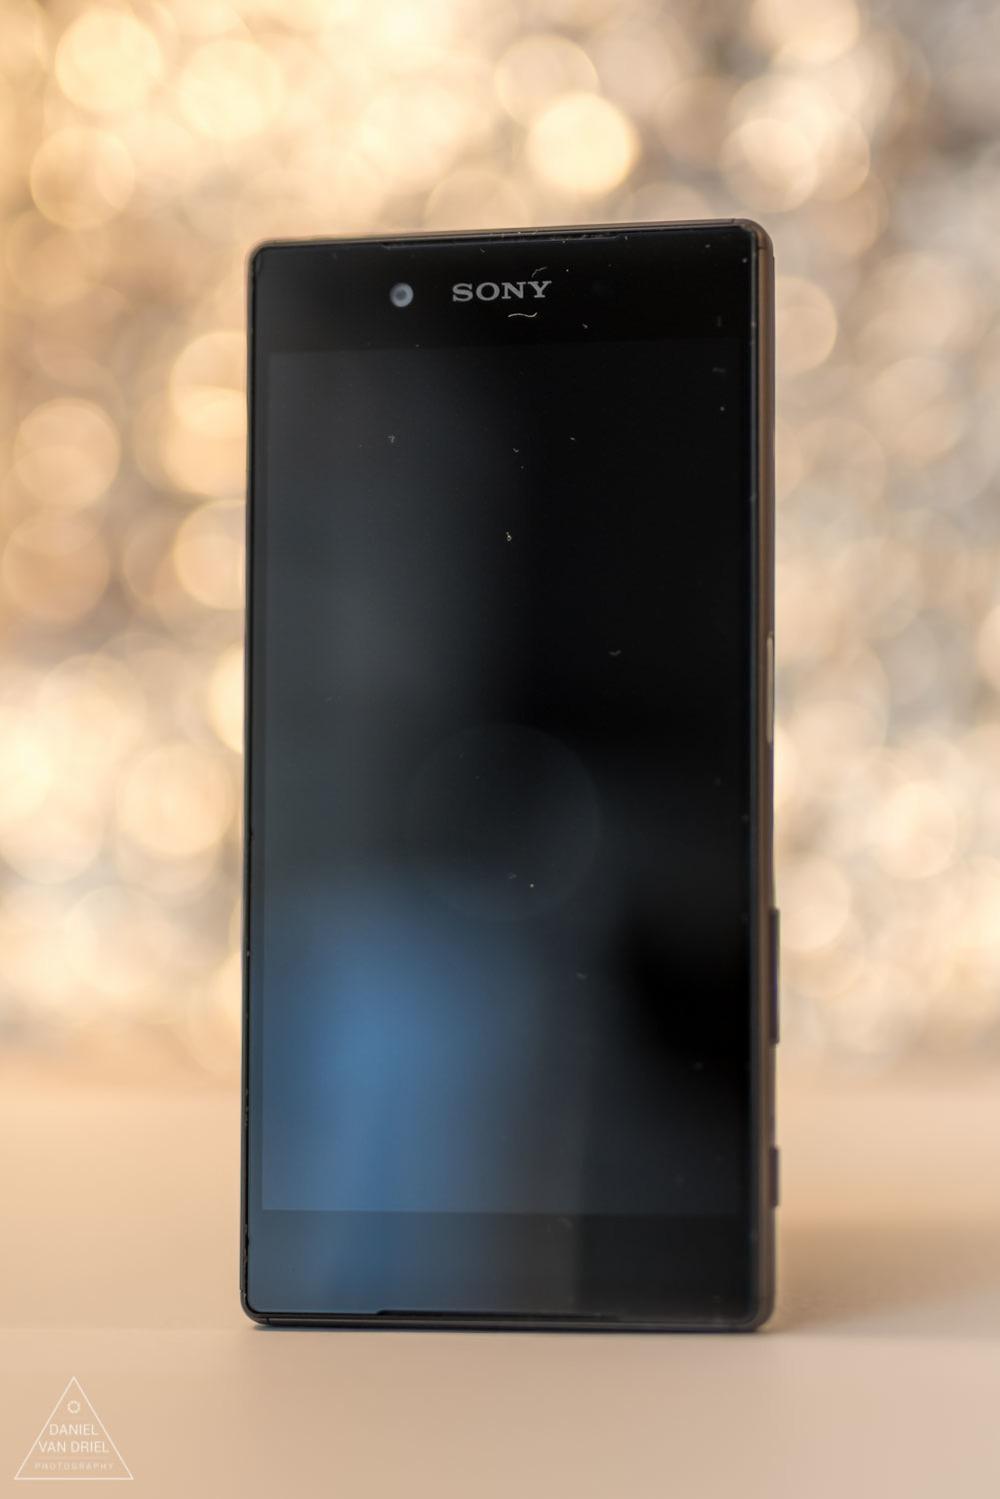 Sony Xperia Z51.jpg